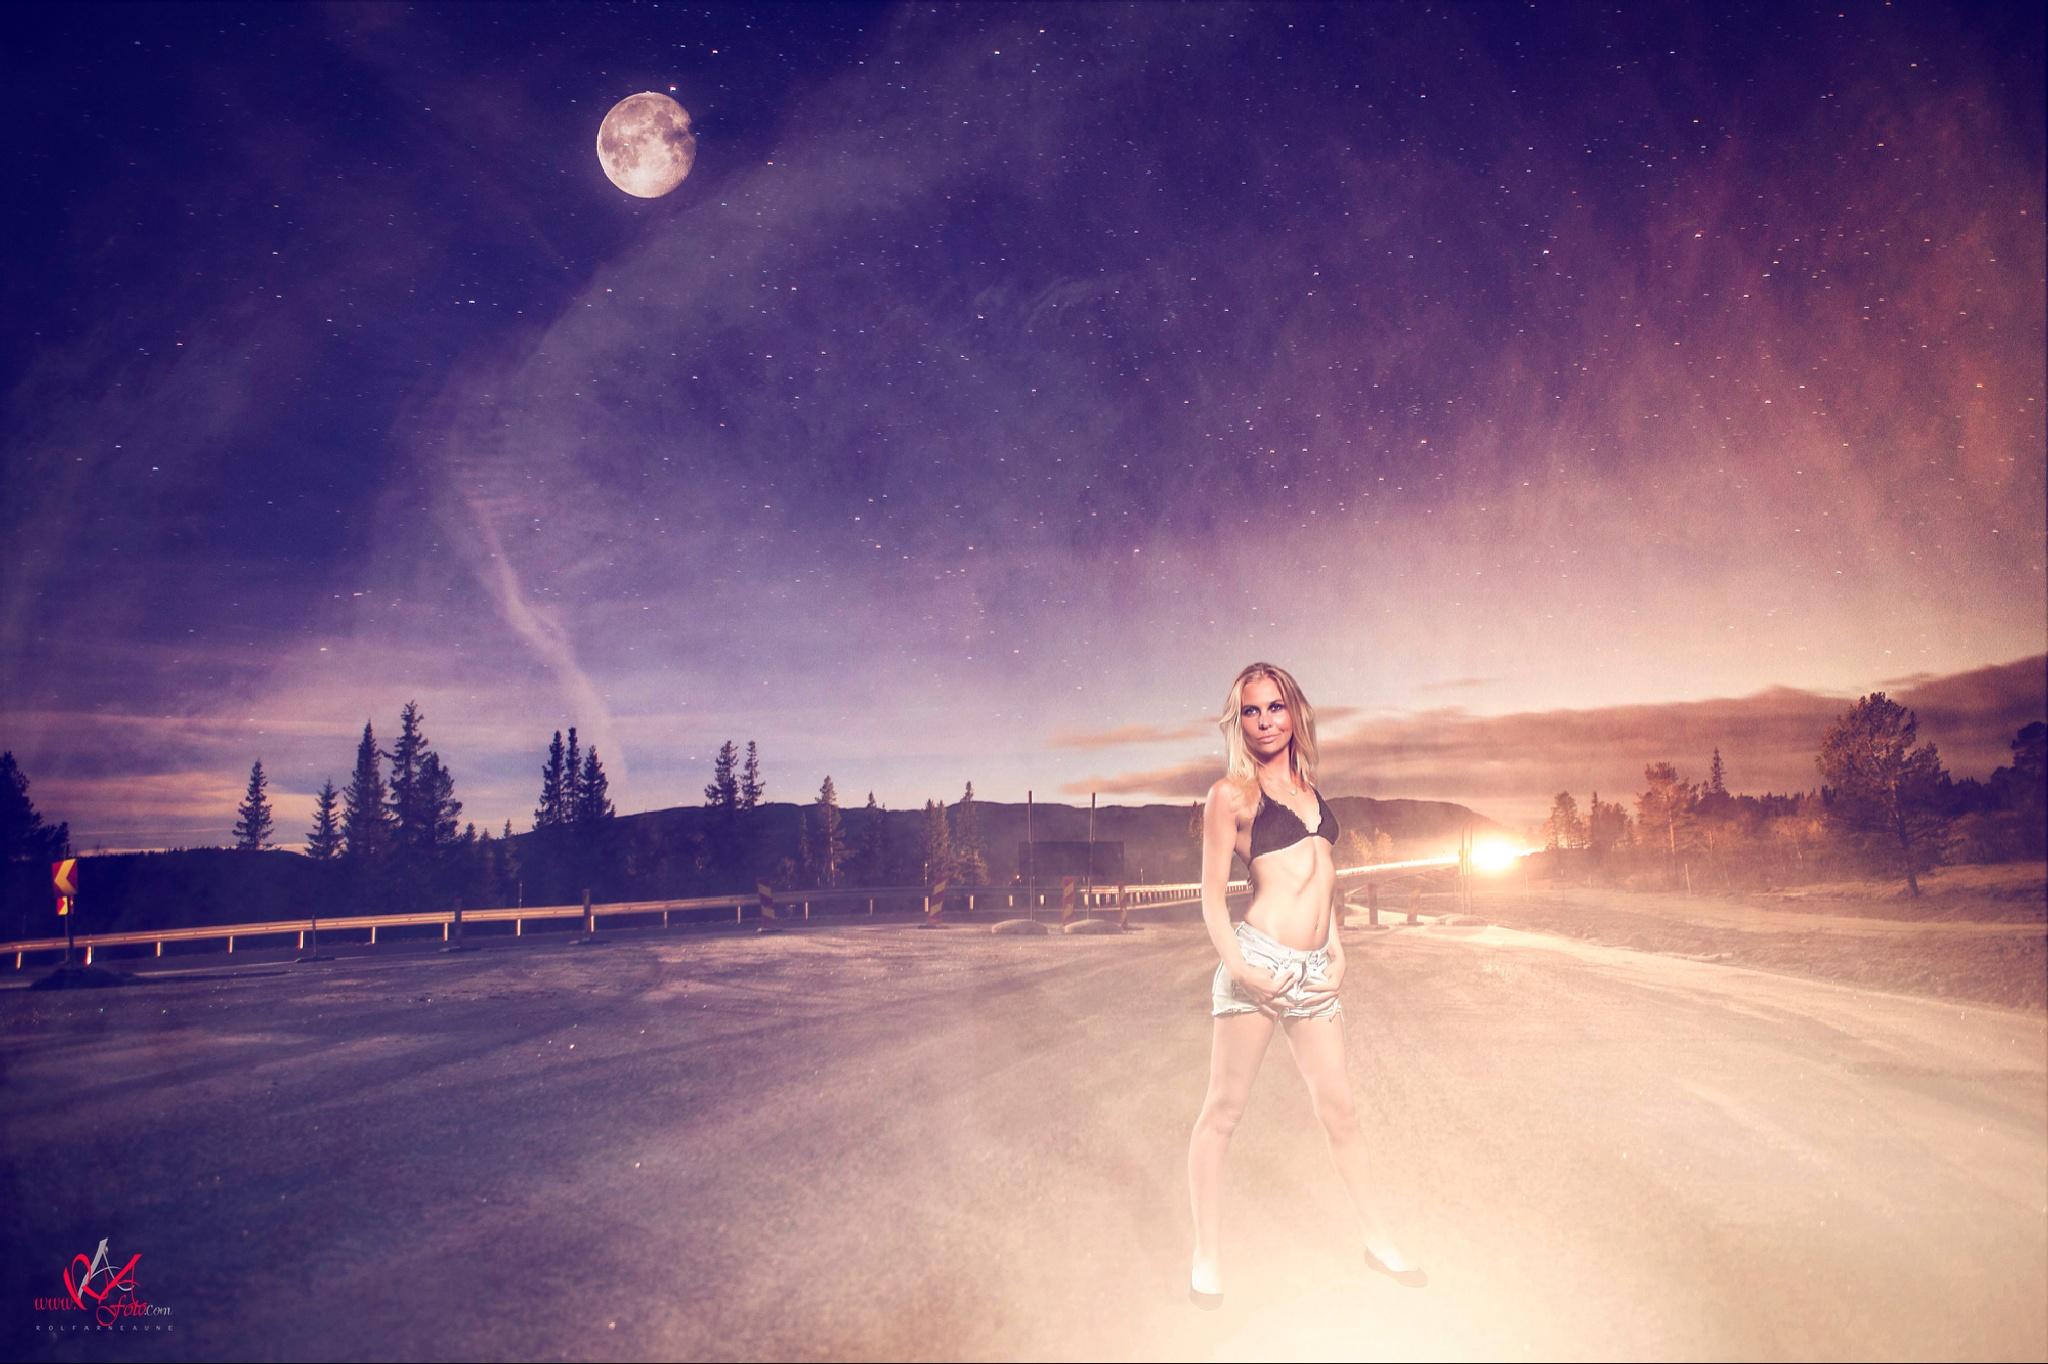 Lady in light by Raafoto